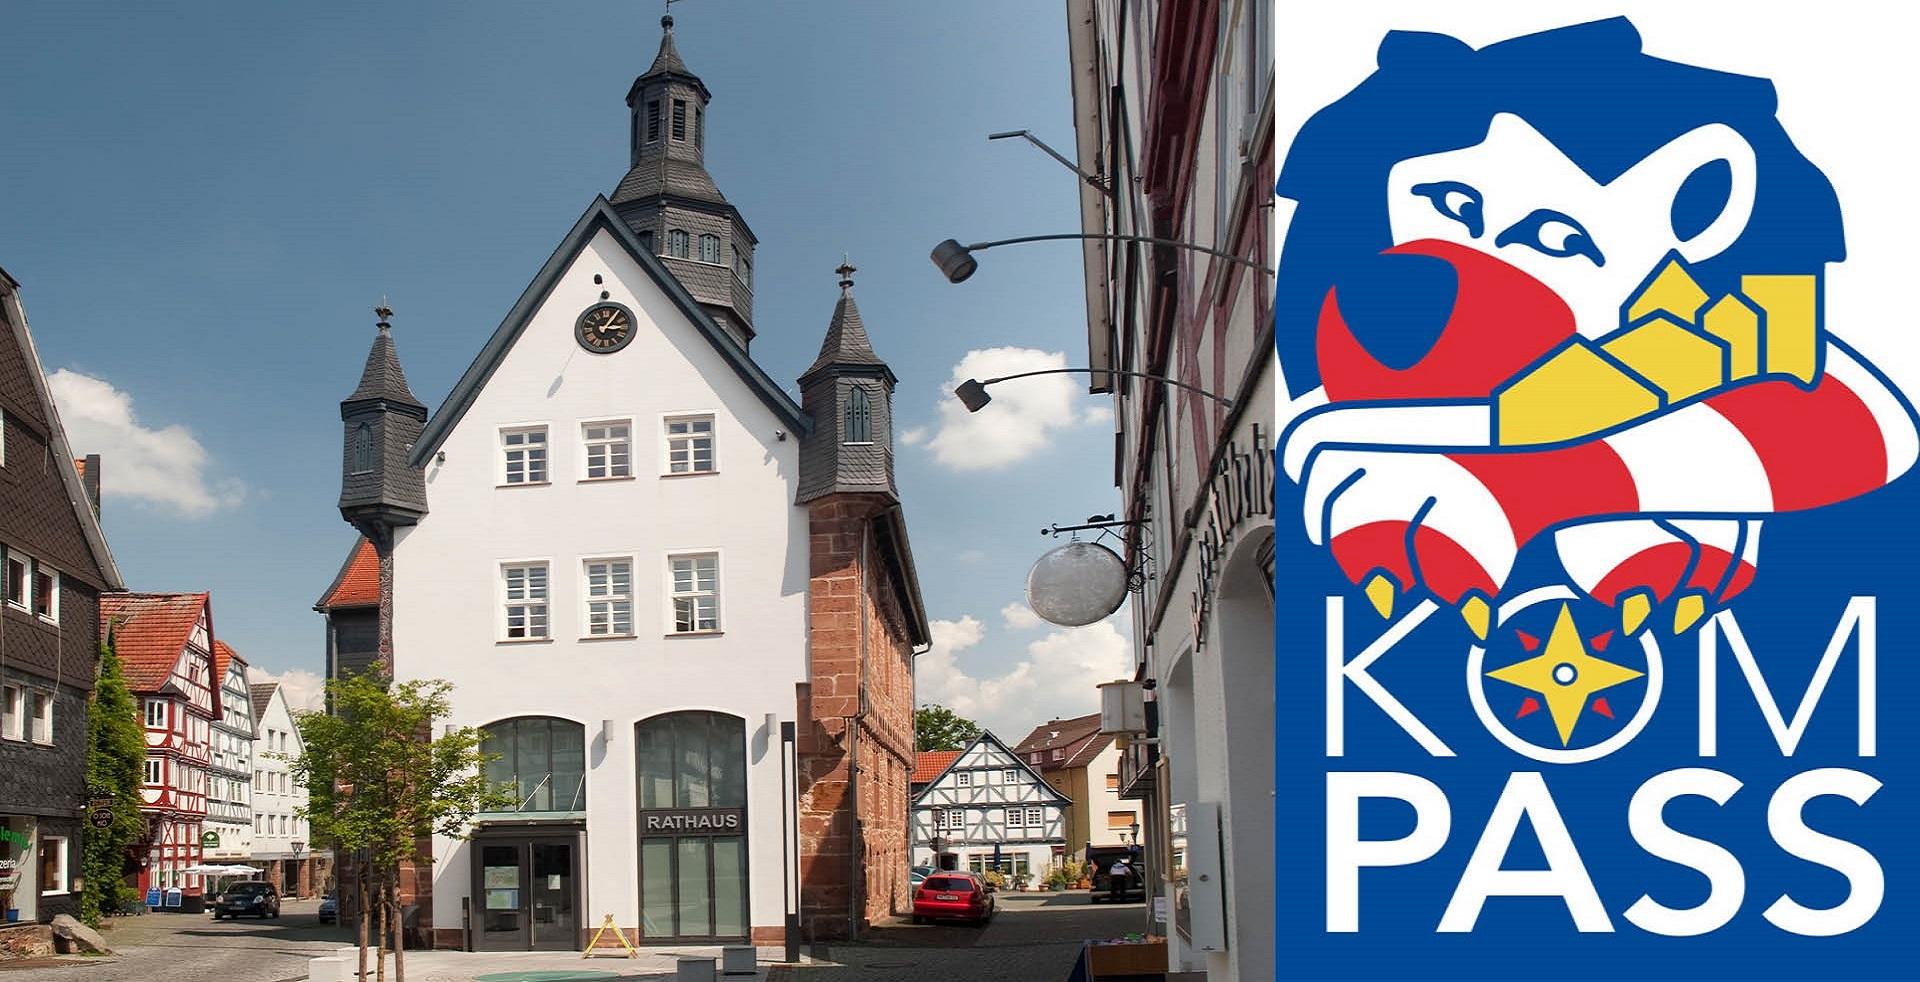 Abfallkalender Schwalmstadt